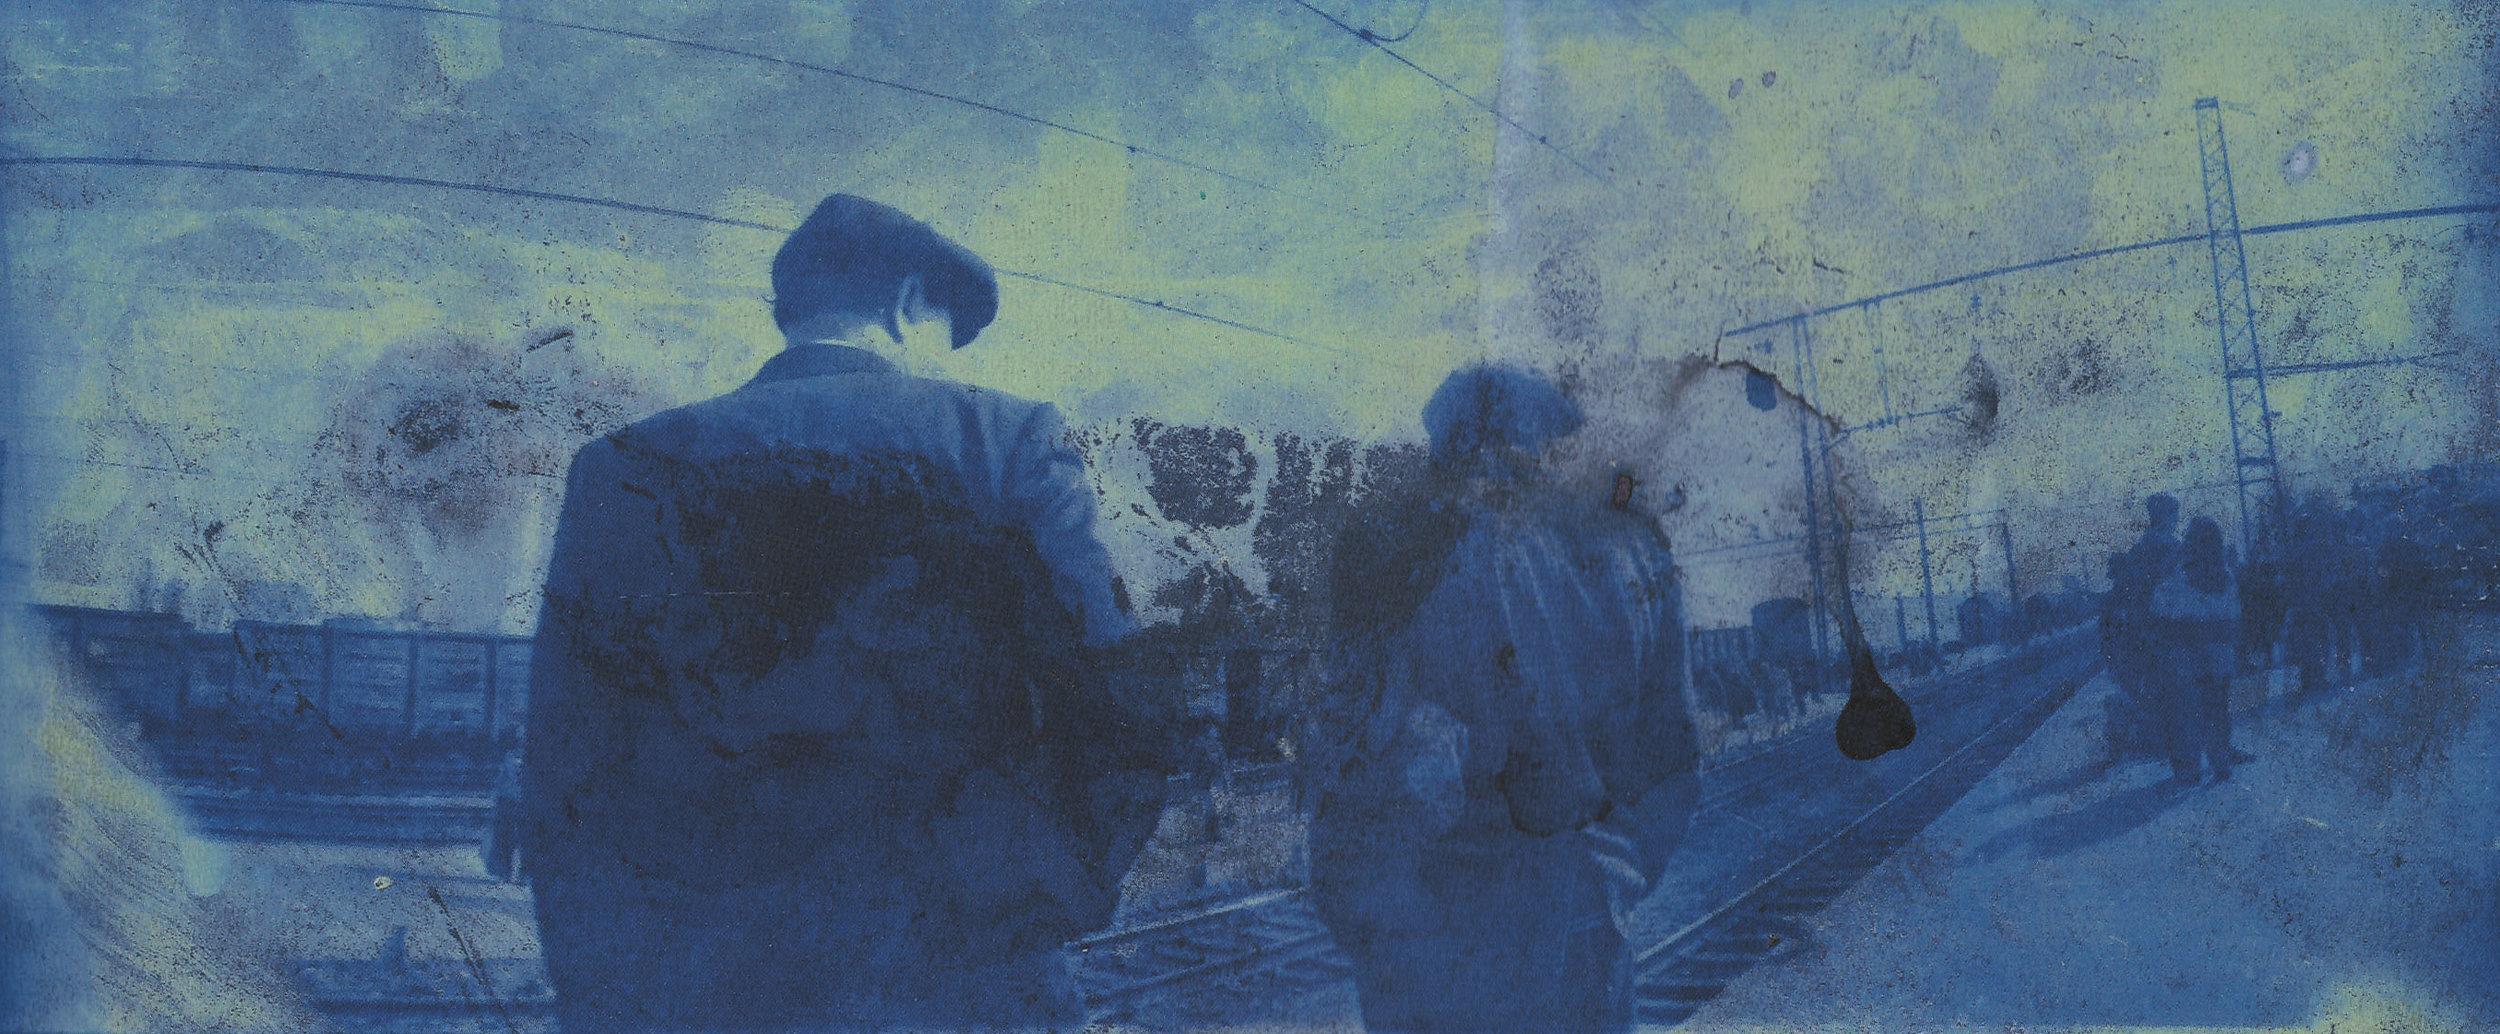 """Boris Mikhailov Ohne Titel (aus der Serie """"In der Dämmerung""""), 1993 Albertina, Dauerleihgabe der Österreichischen Ludwig-Stiftung für Kunst und Wissenschaft © Bildrecht, Wien, 2016"""